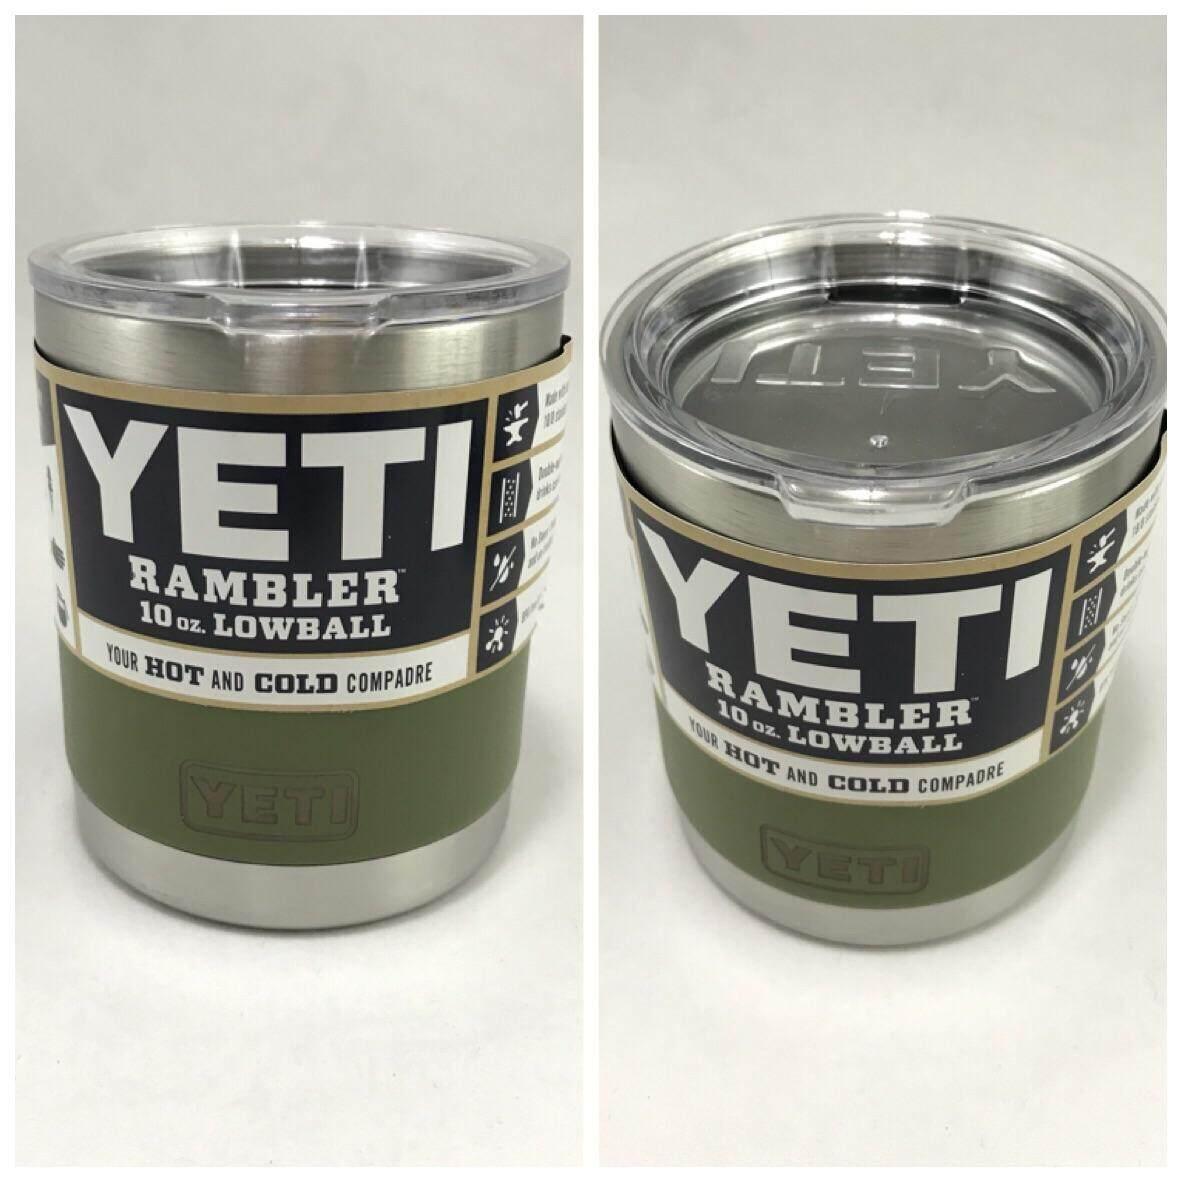 ราคา แก้วYetiเก็บความเย็นความร้อนขนาด10ออนซ์สีพื้นขอบเงิน Yeti Rambler กรุงเทพมหานคร